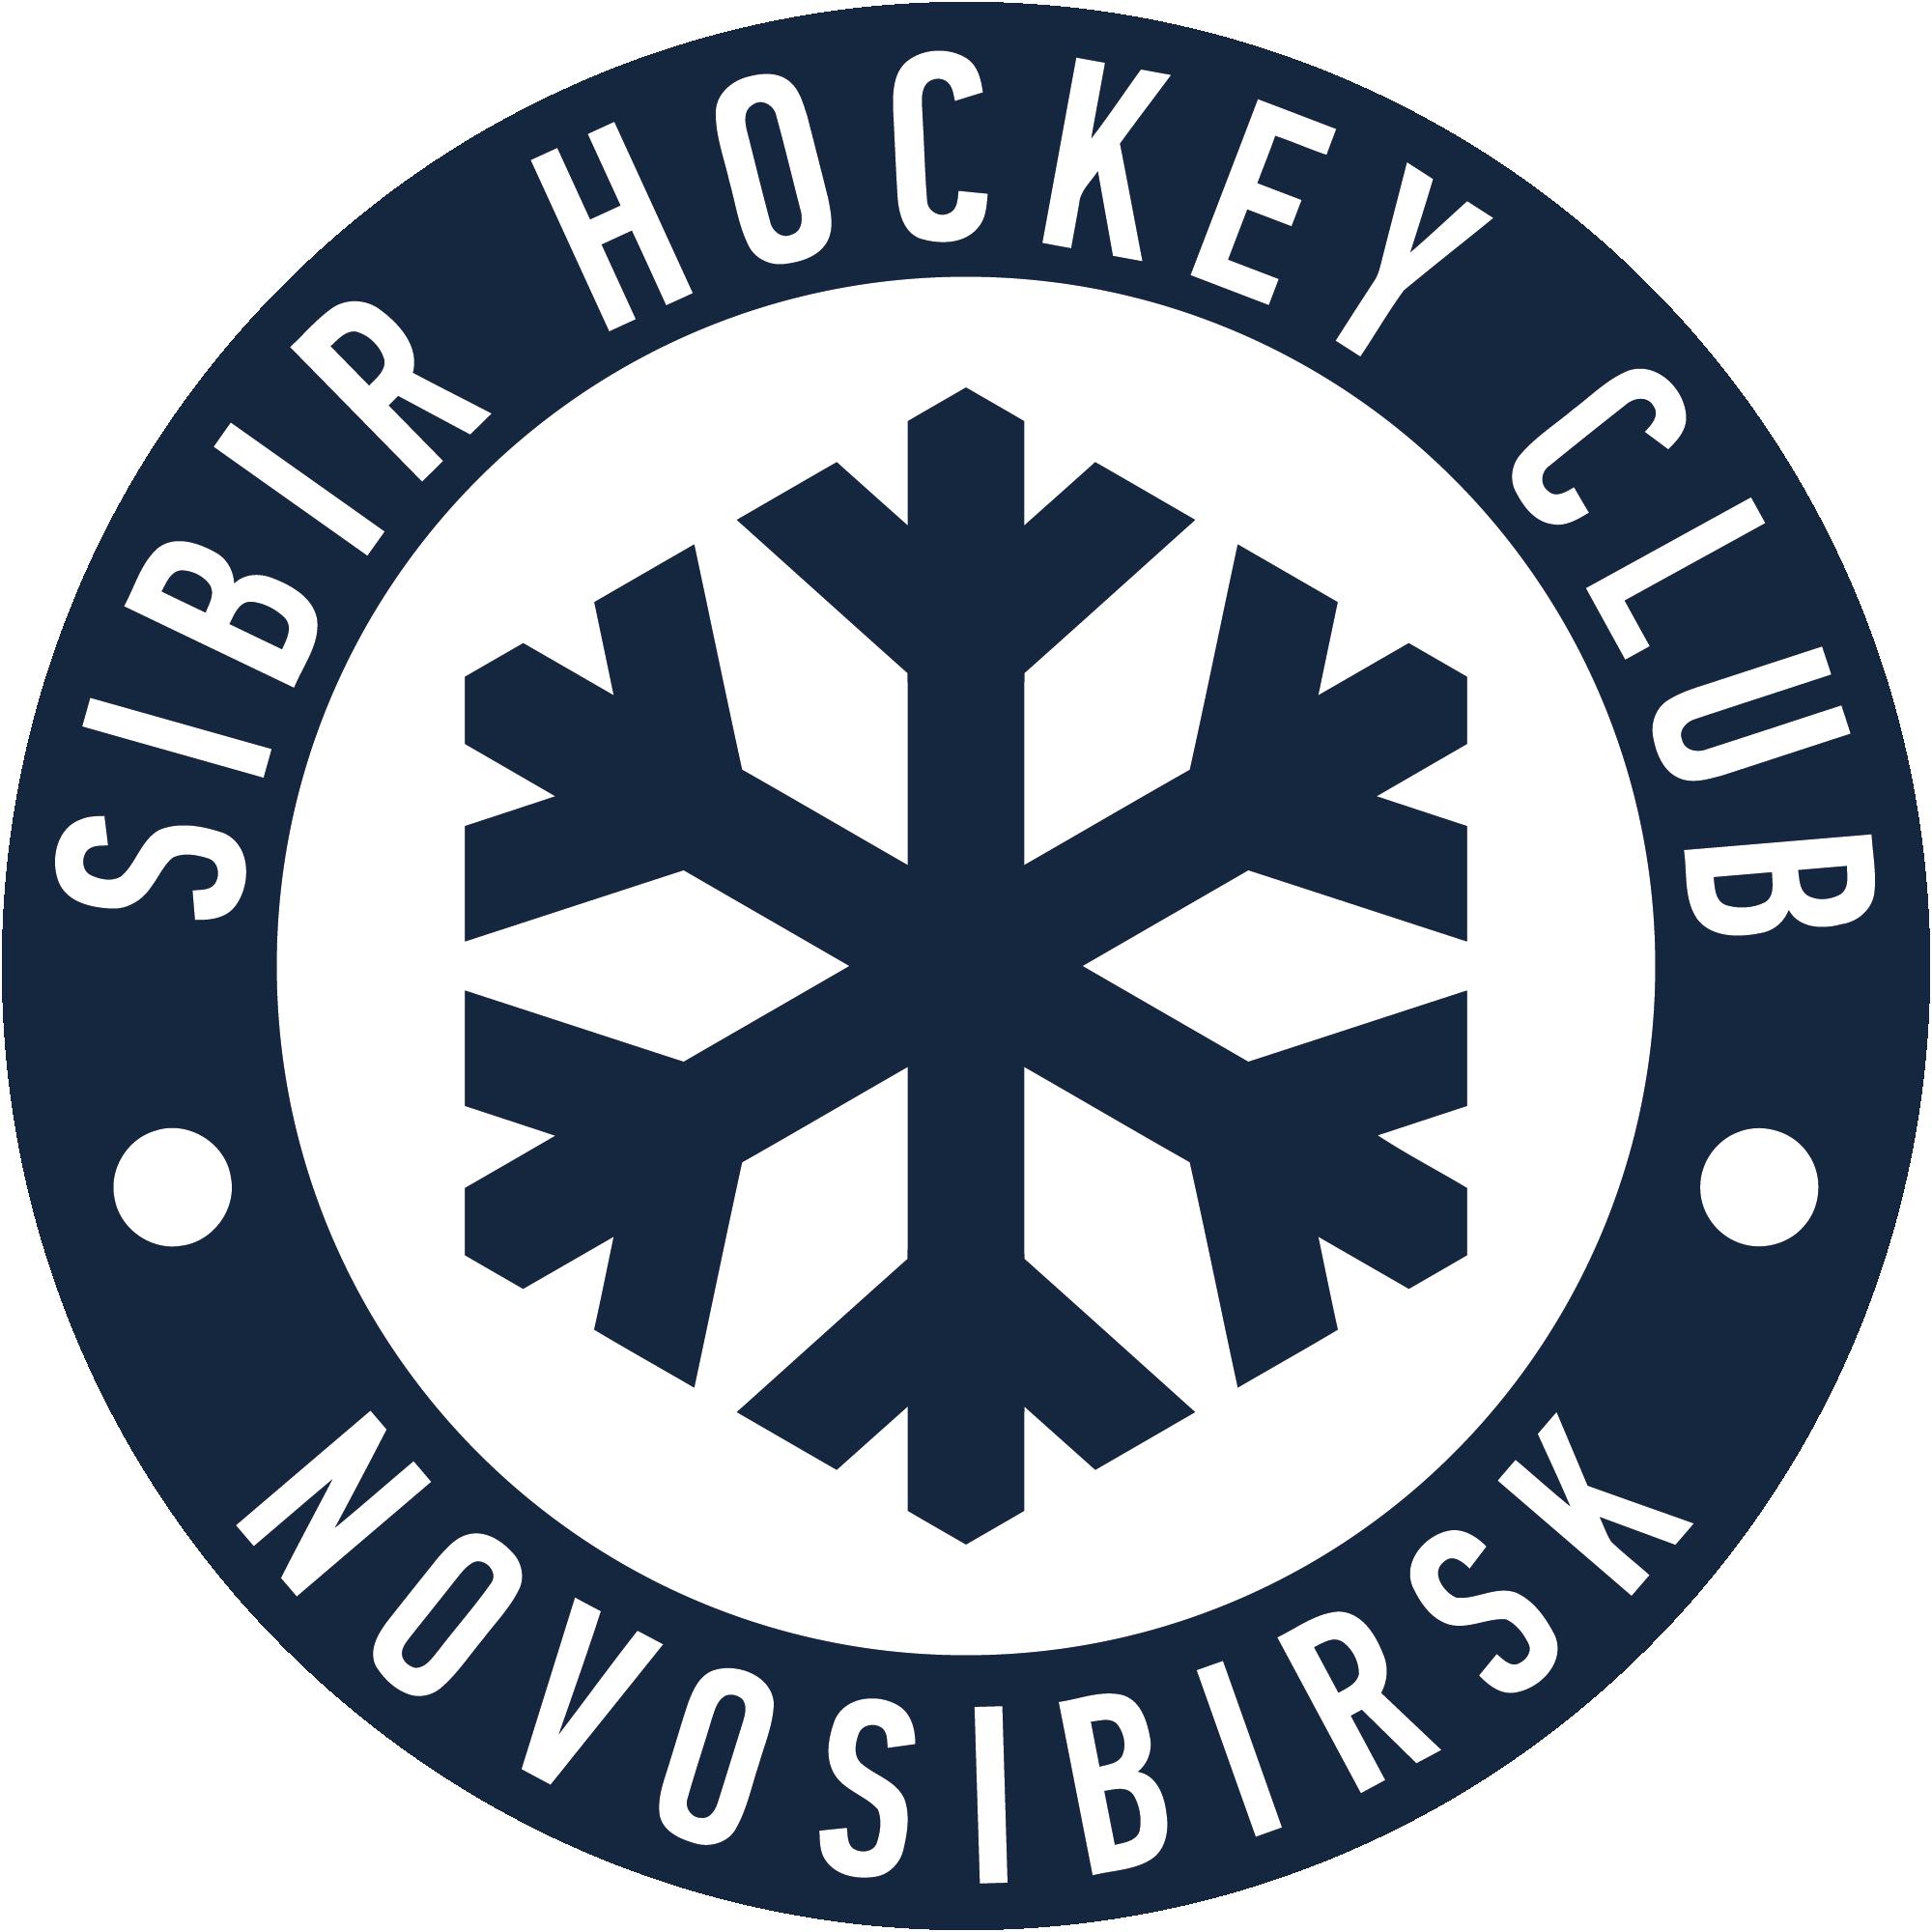 """Векторная эмблема (логотип) хоккейного клуба """"Сибирь"""" (Новосибирск)"""